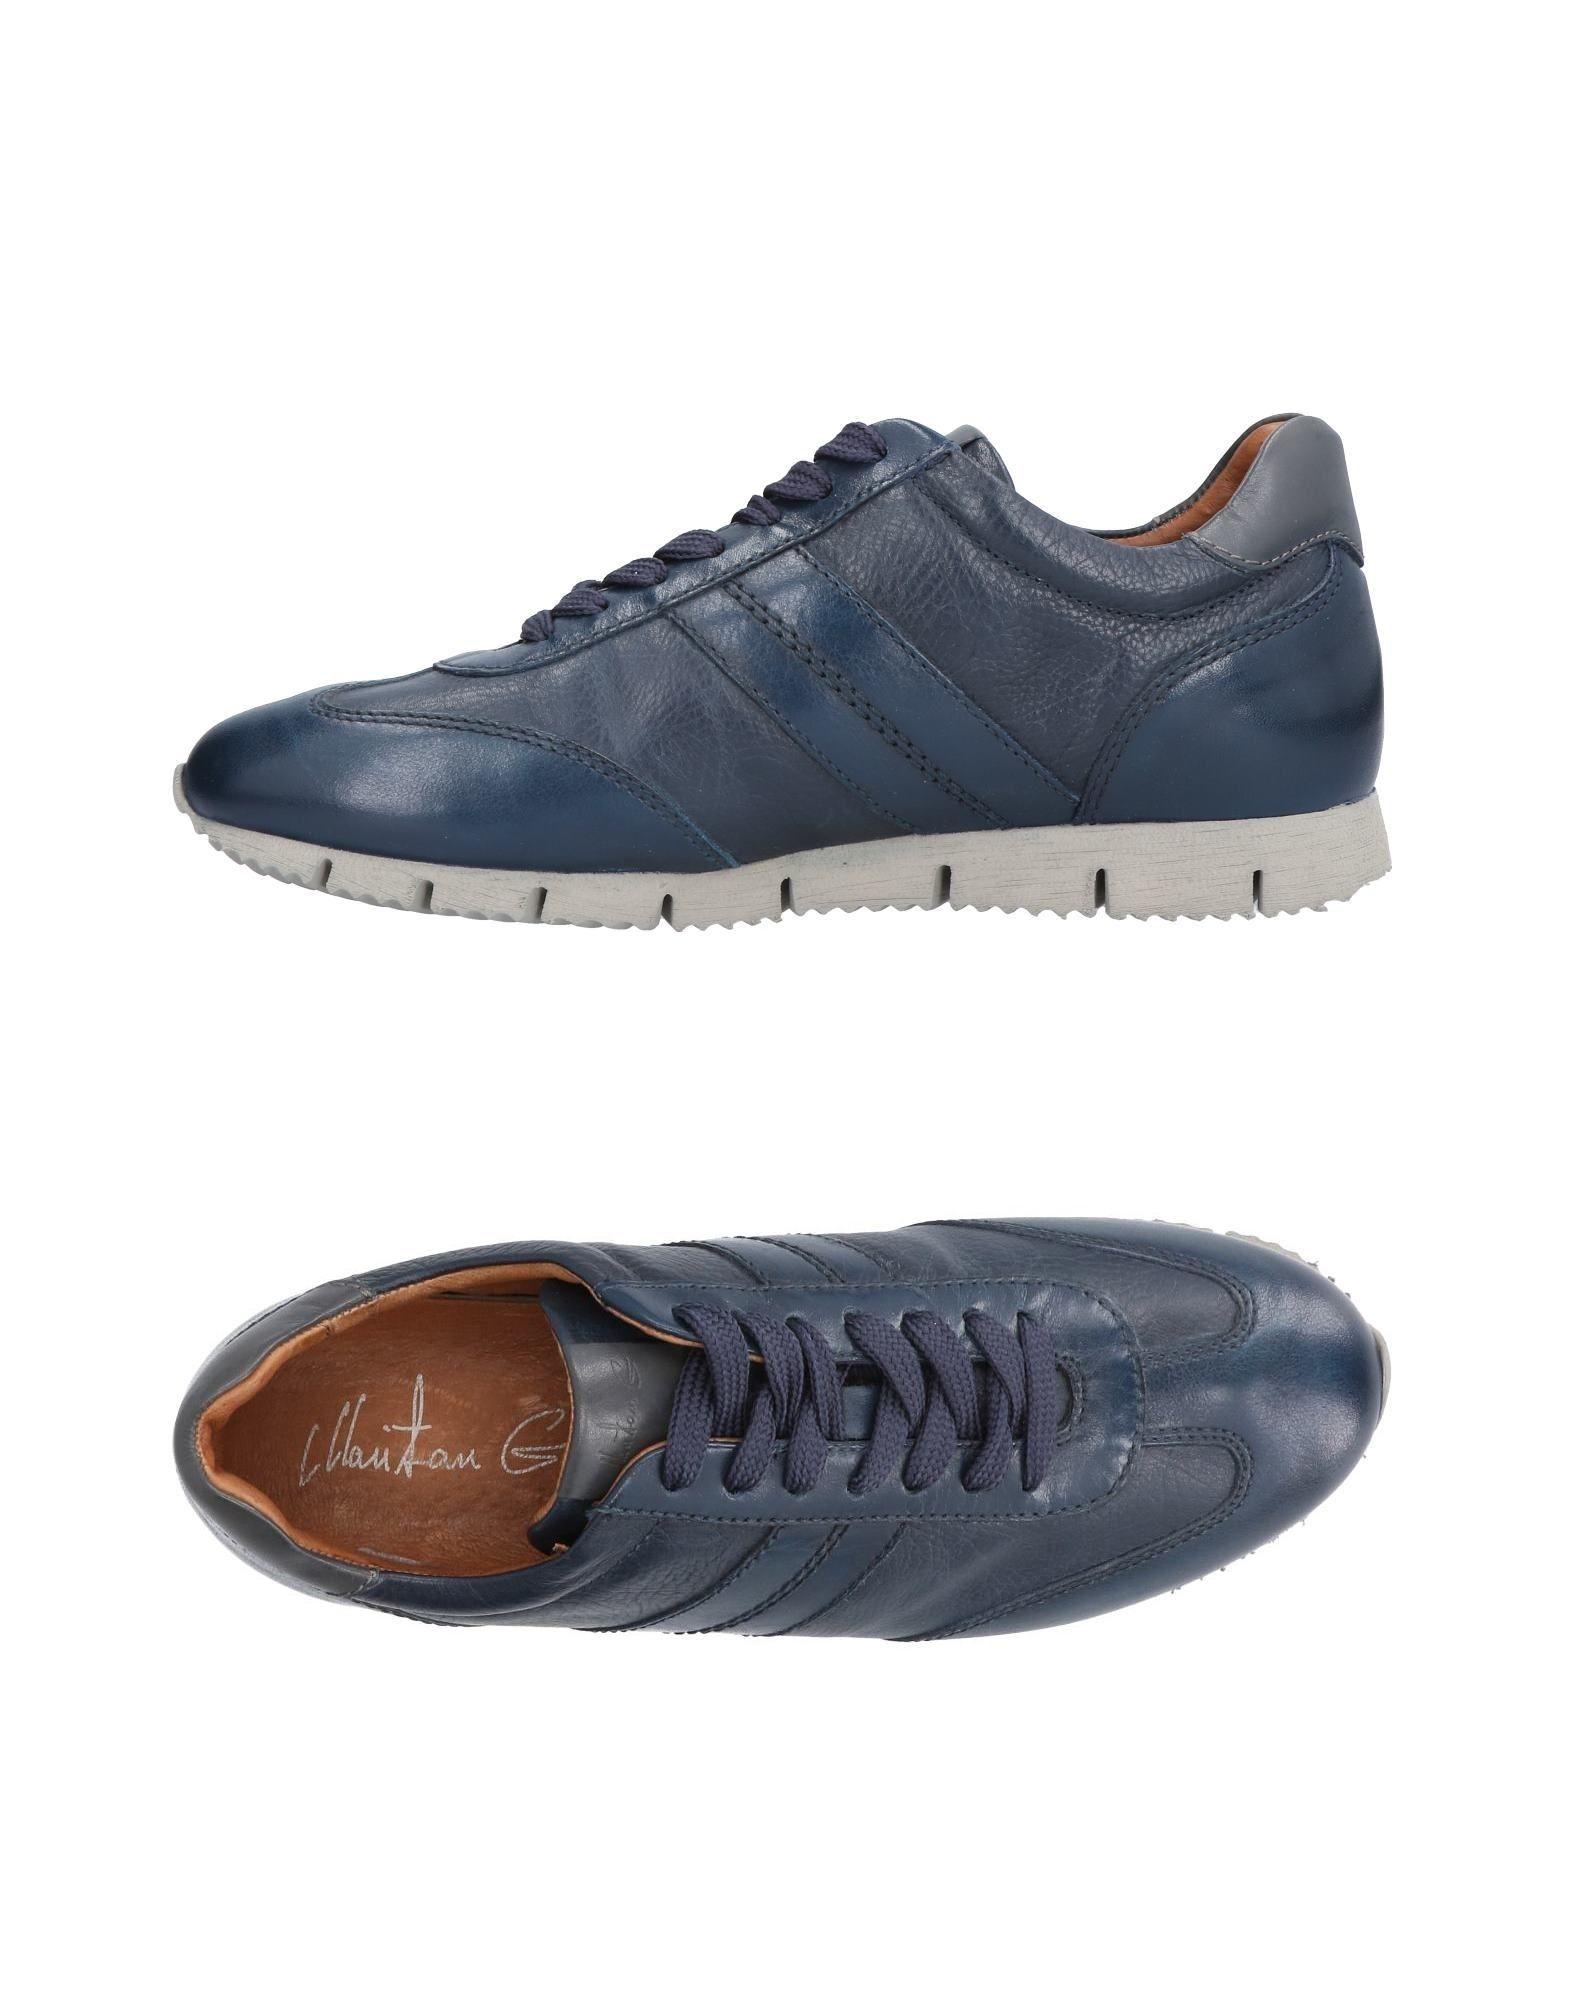 Sneakers Maritan G G G Homme - Sneakers Maritan G  Bleu foncé Meilleur modèle de vente ea0a5f